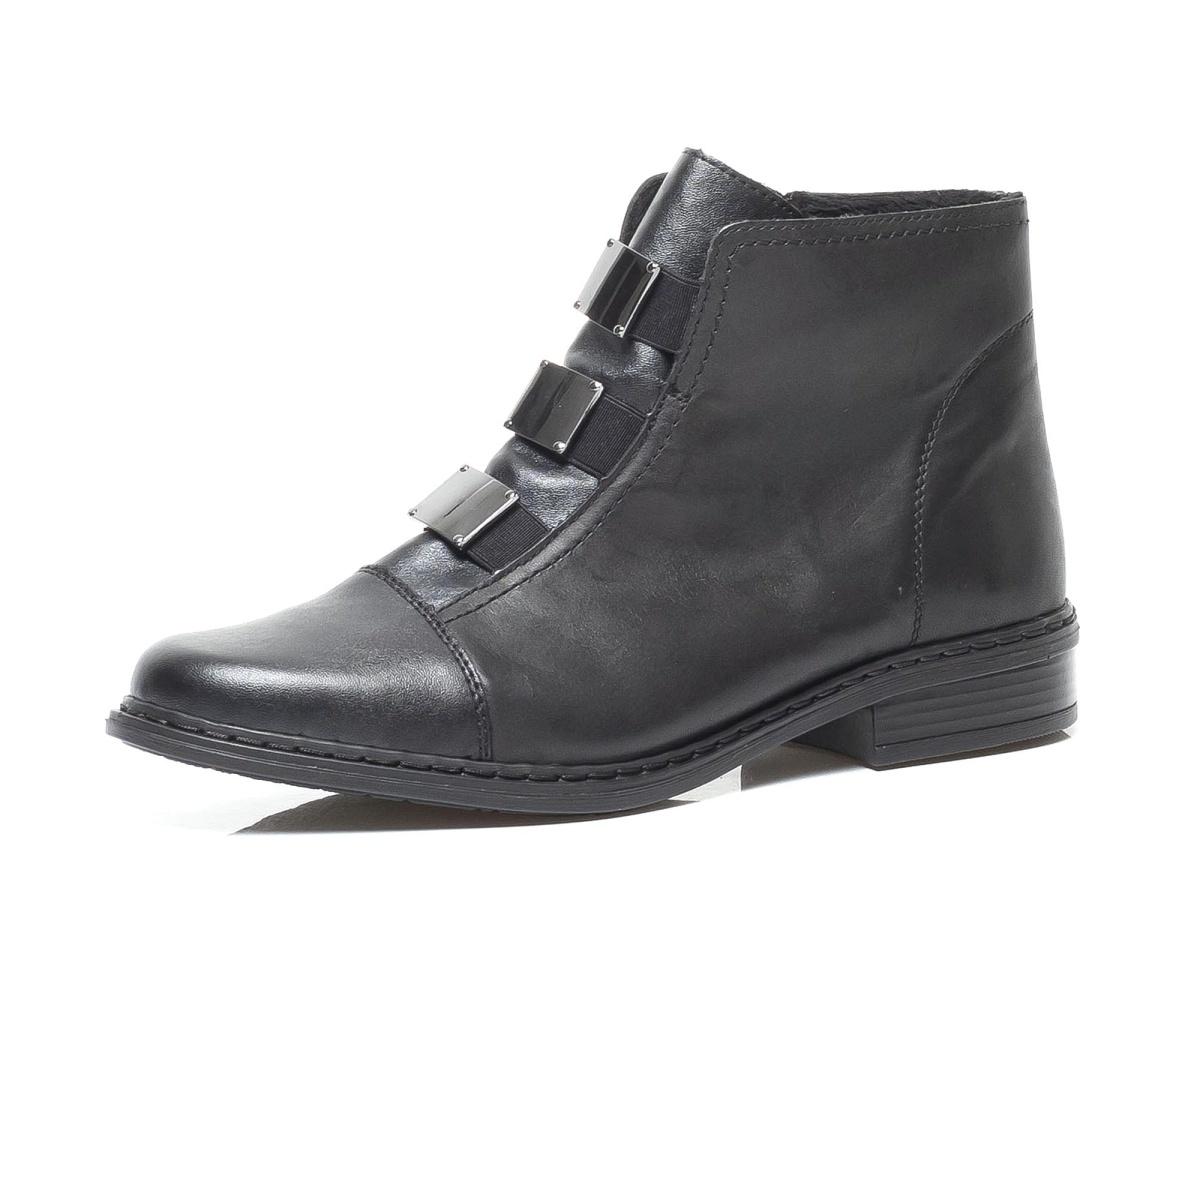 9123b2ee117e detail Dámska obuv RIEKER br 72082 00 SCHWARZ ...